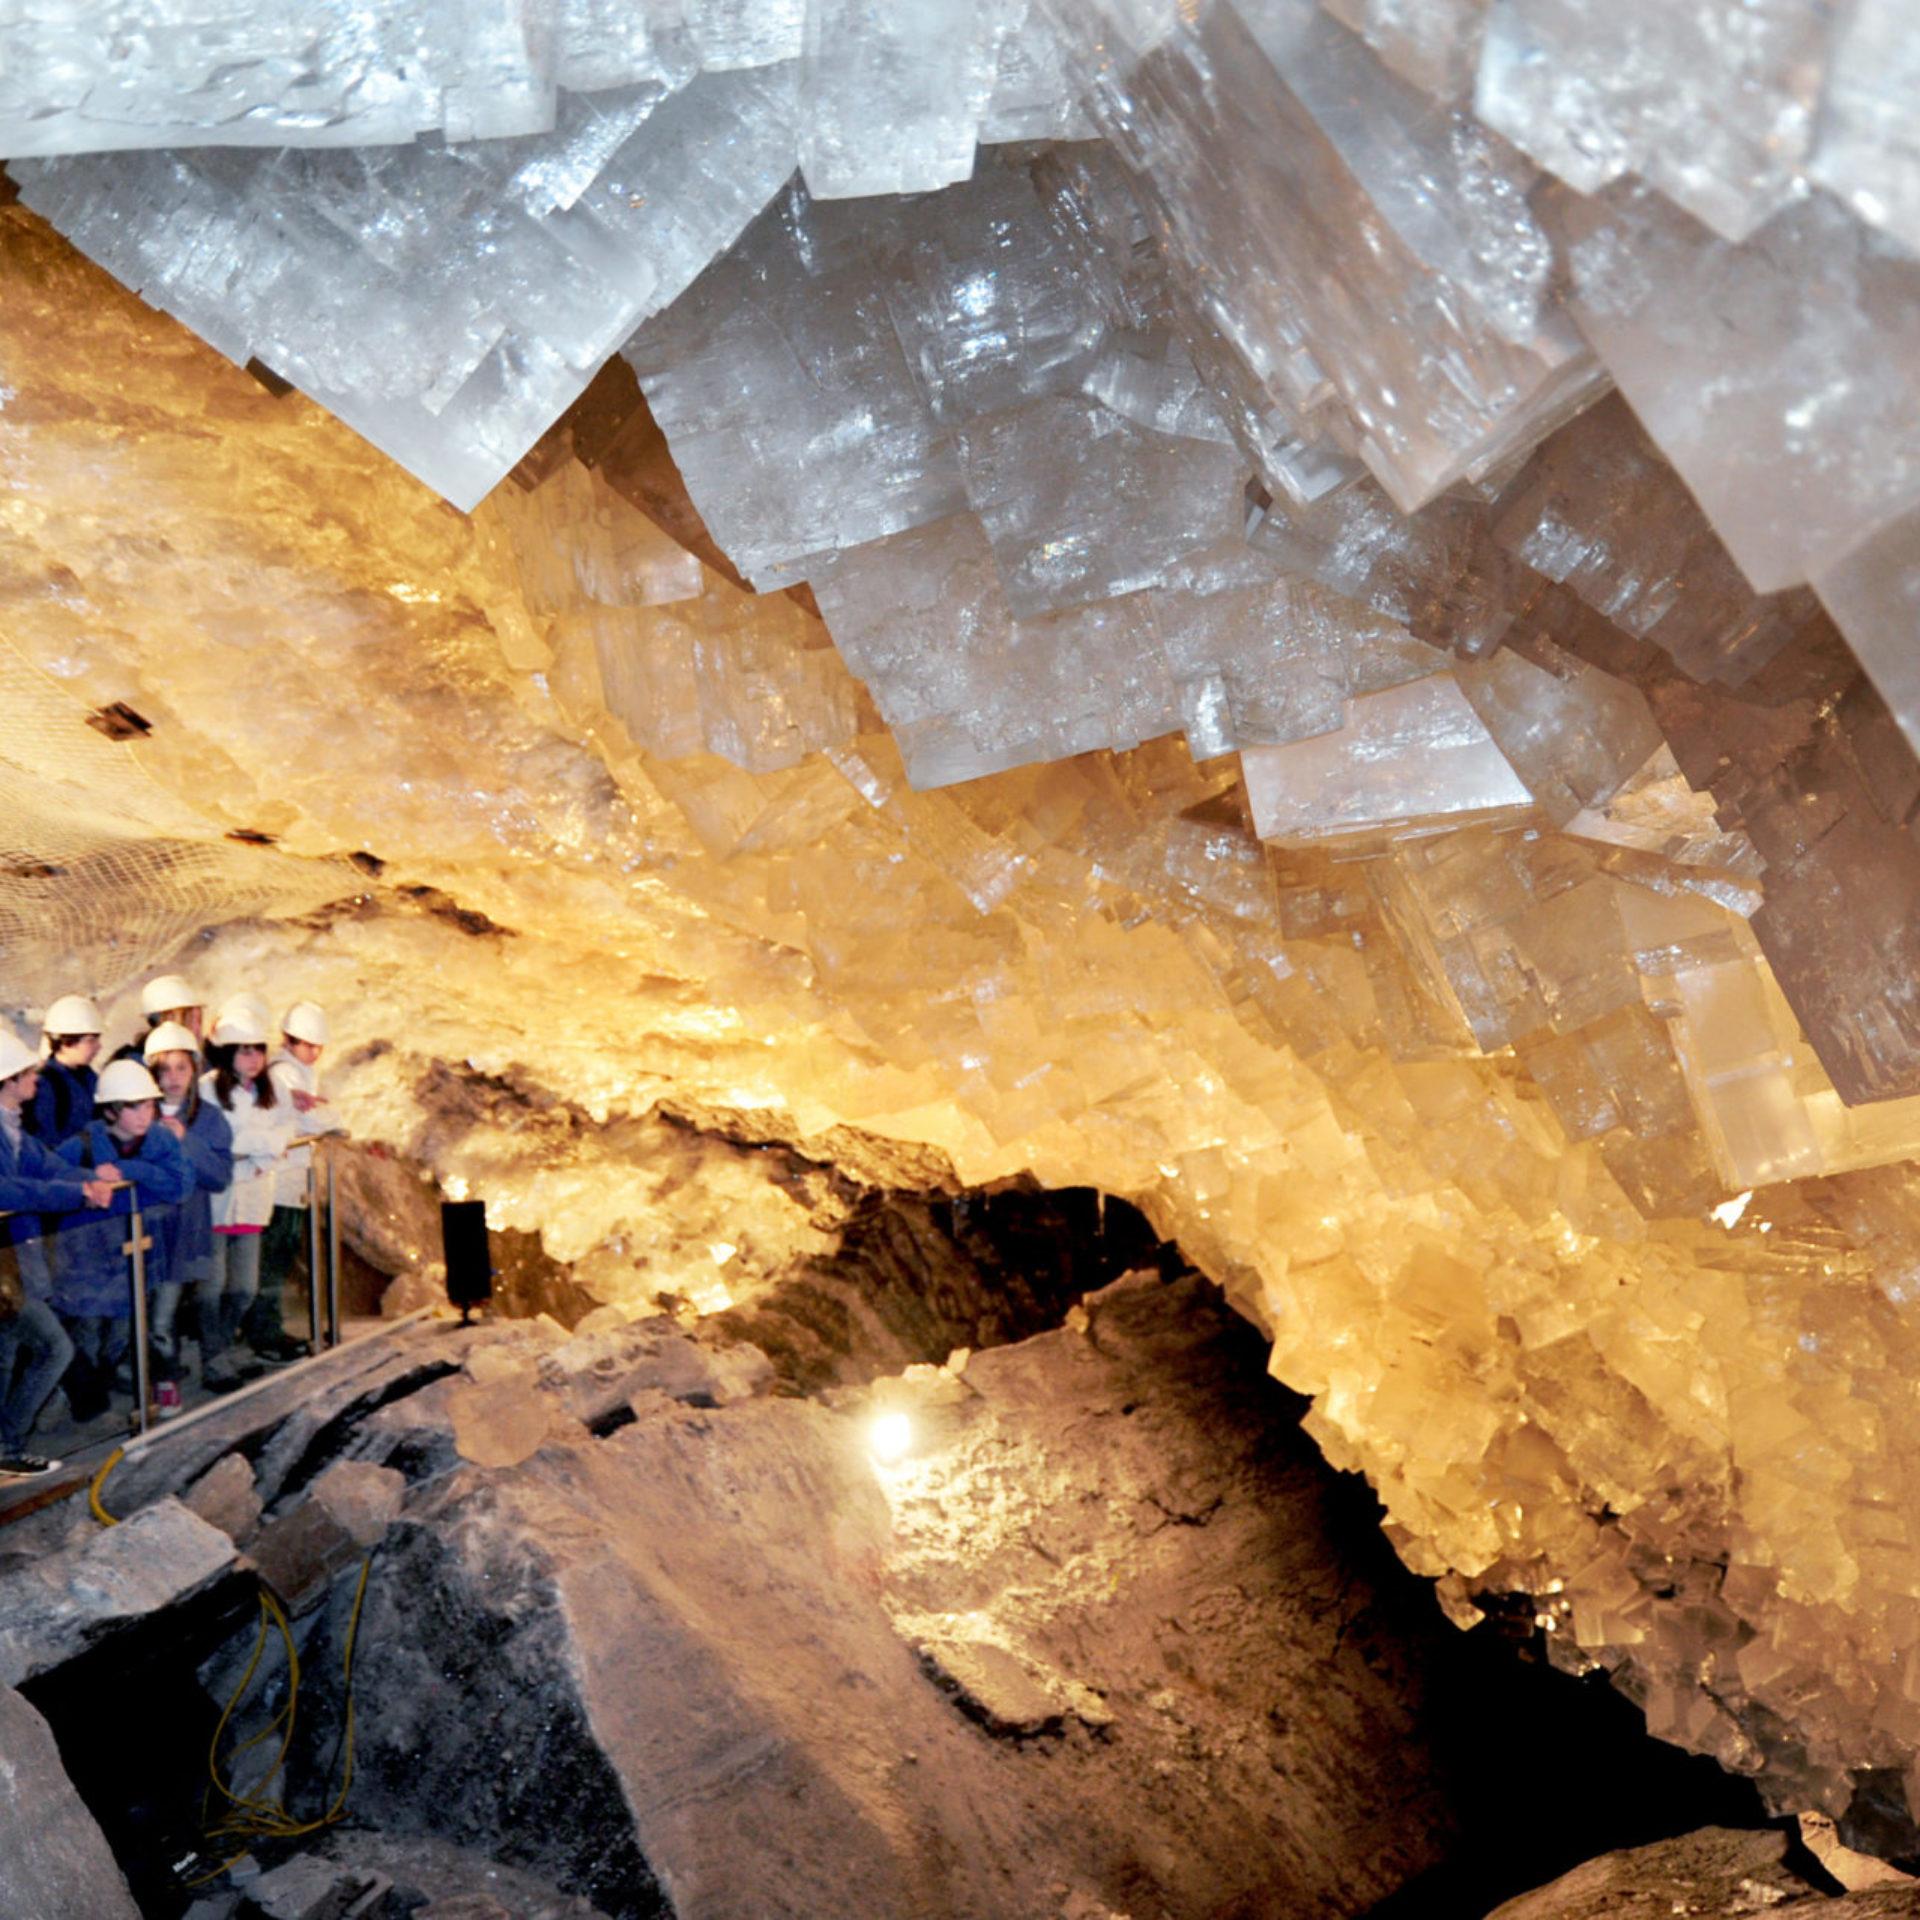 Kristallgrotte im Erlebnisbergwerk Merkers © K + S AG